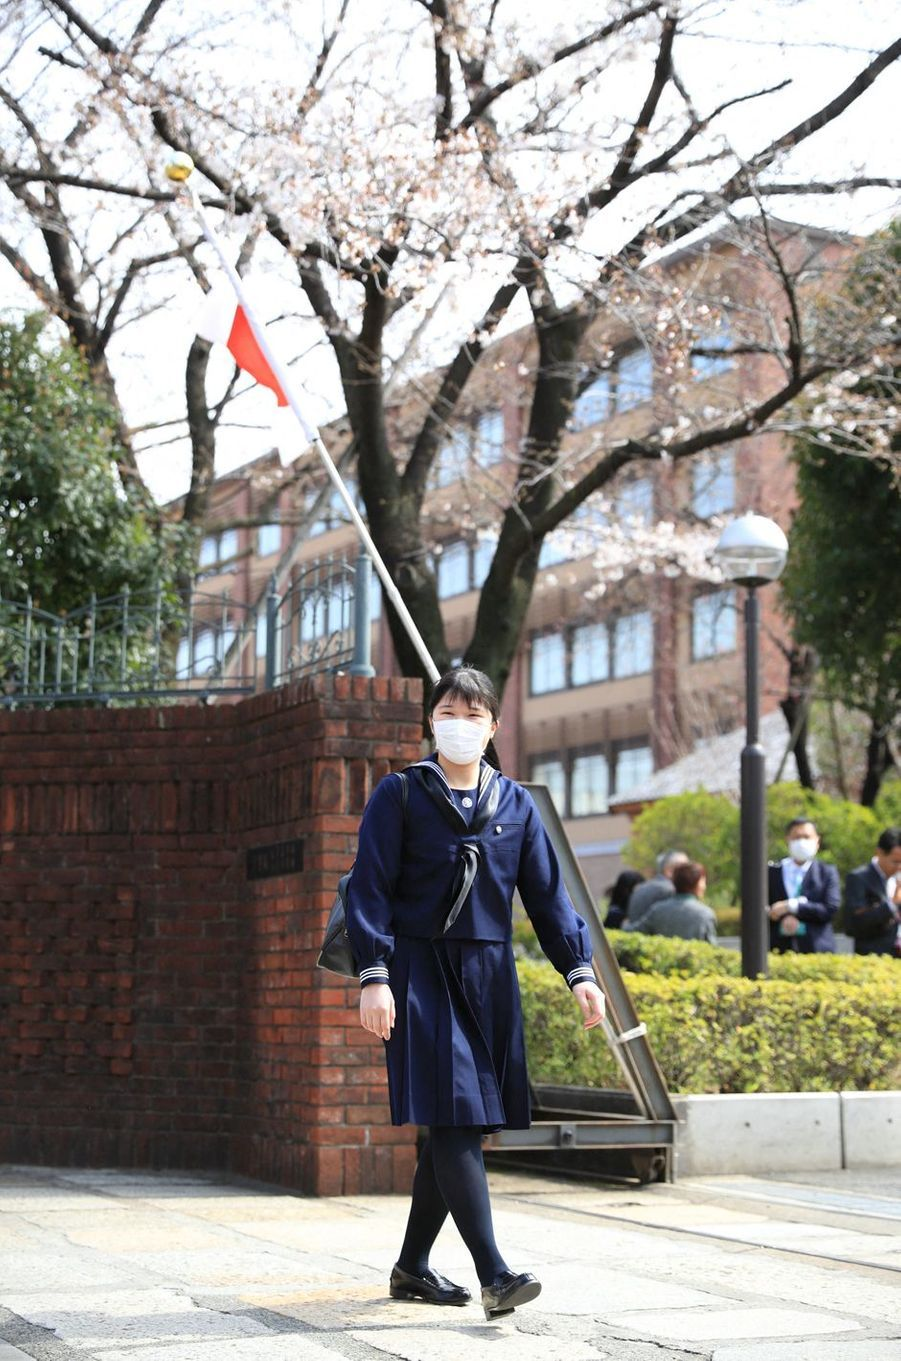 La princesse Aiko du Japon portant un masque à Tokyo, le 22 mars 2020